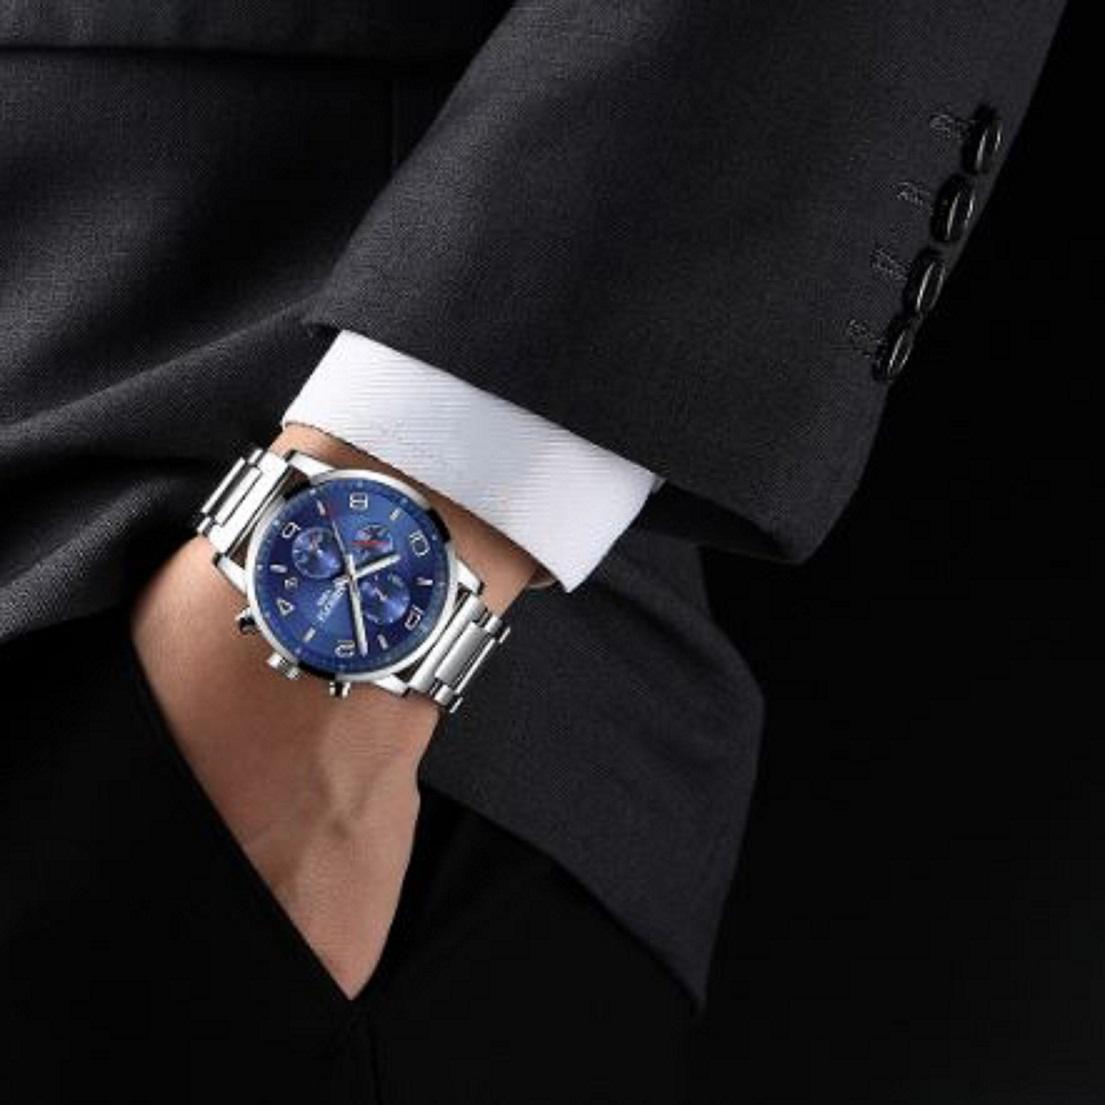 Đồng hồ thời trang công sở nam NIBOSI chính hãng NI2328.03 (Phụ kiện thời trang) fullbox, chống nước - chạy full 6 kim, mặt kính Mineral, dây hợp kim cao cấp không gỉ